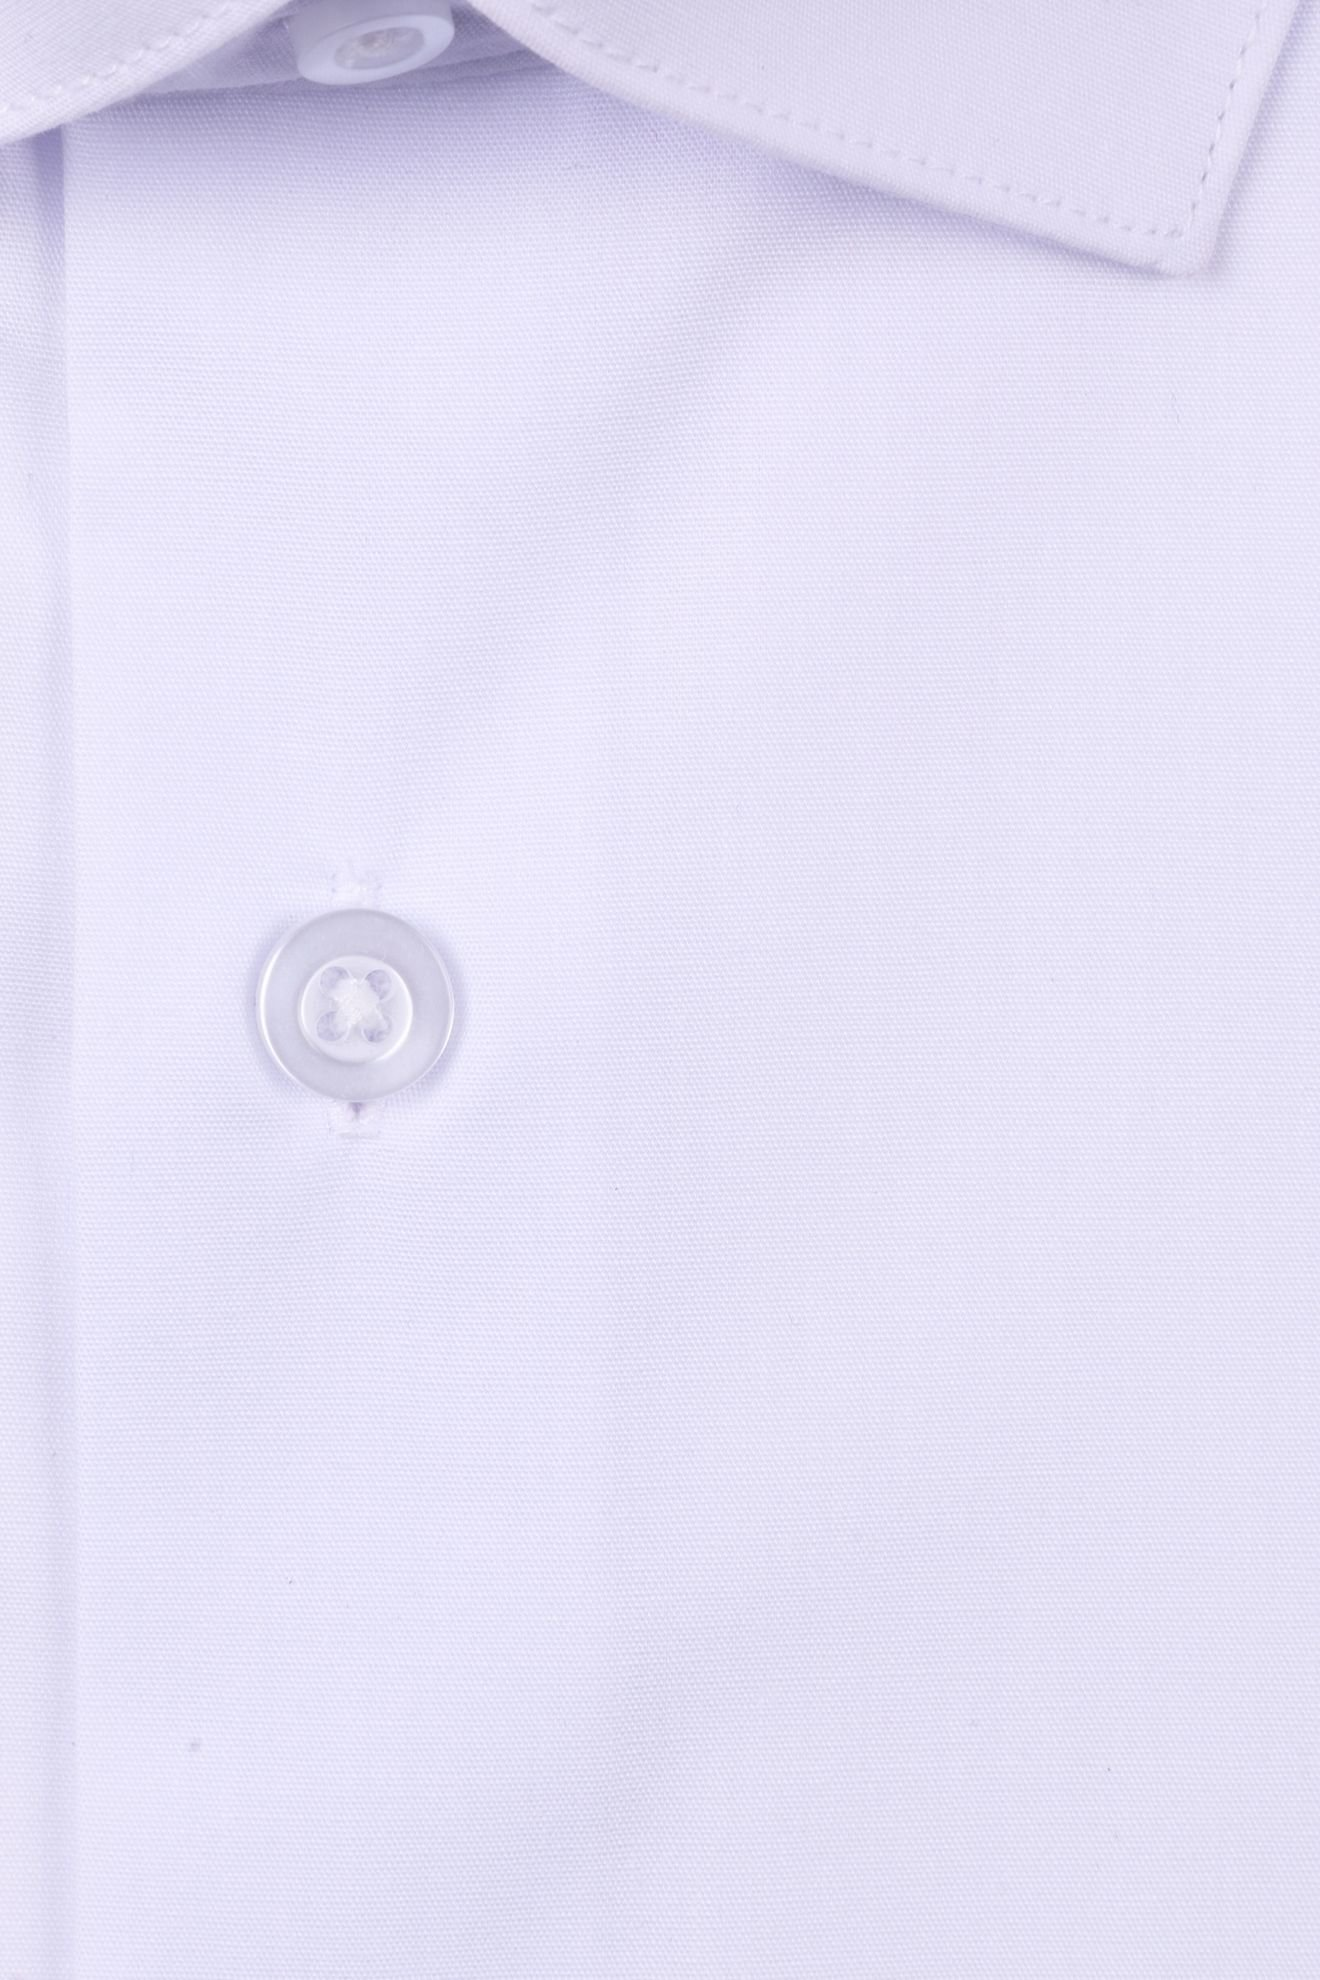 Молодежная рубашка с длинным рукавом (Арт. OD-016)